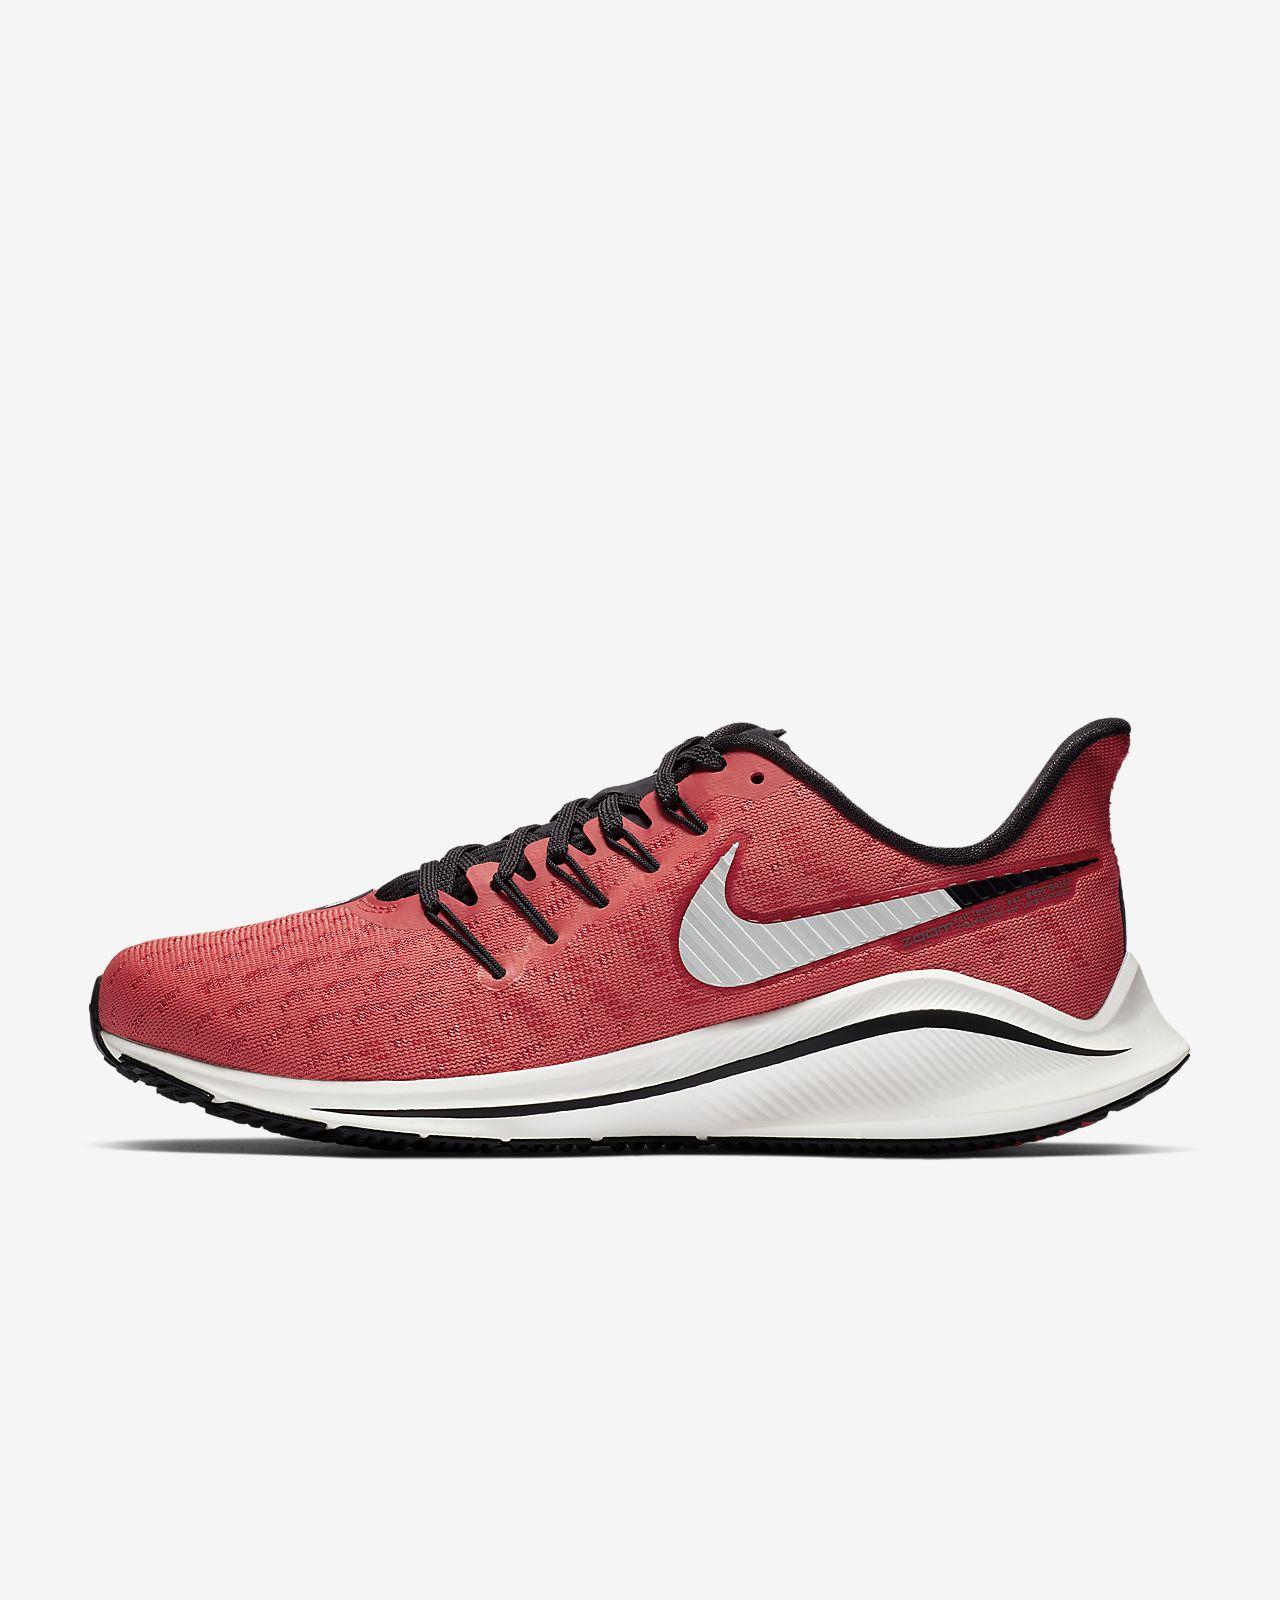 9a77e5102de17 Nike Air Zoom Vomero 14 Zapatillas de running - Mujer. Nike.com ES